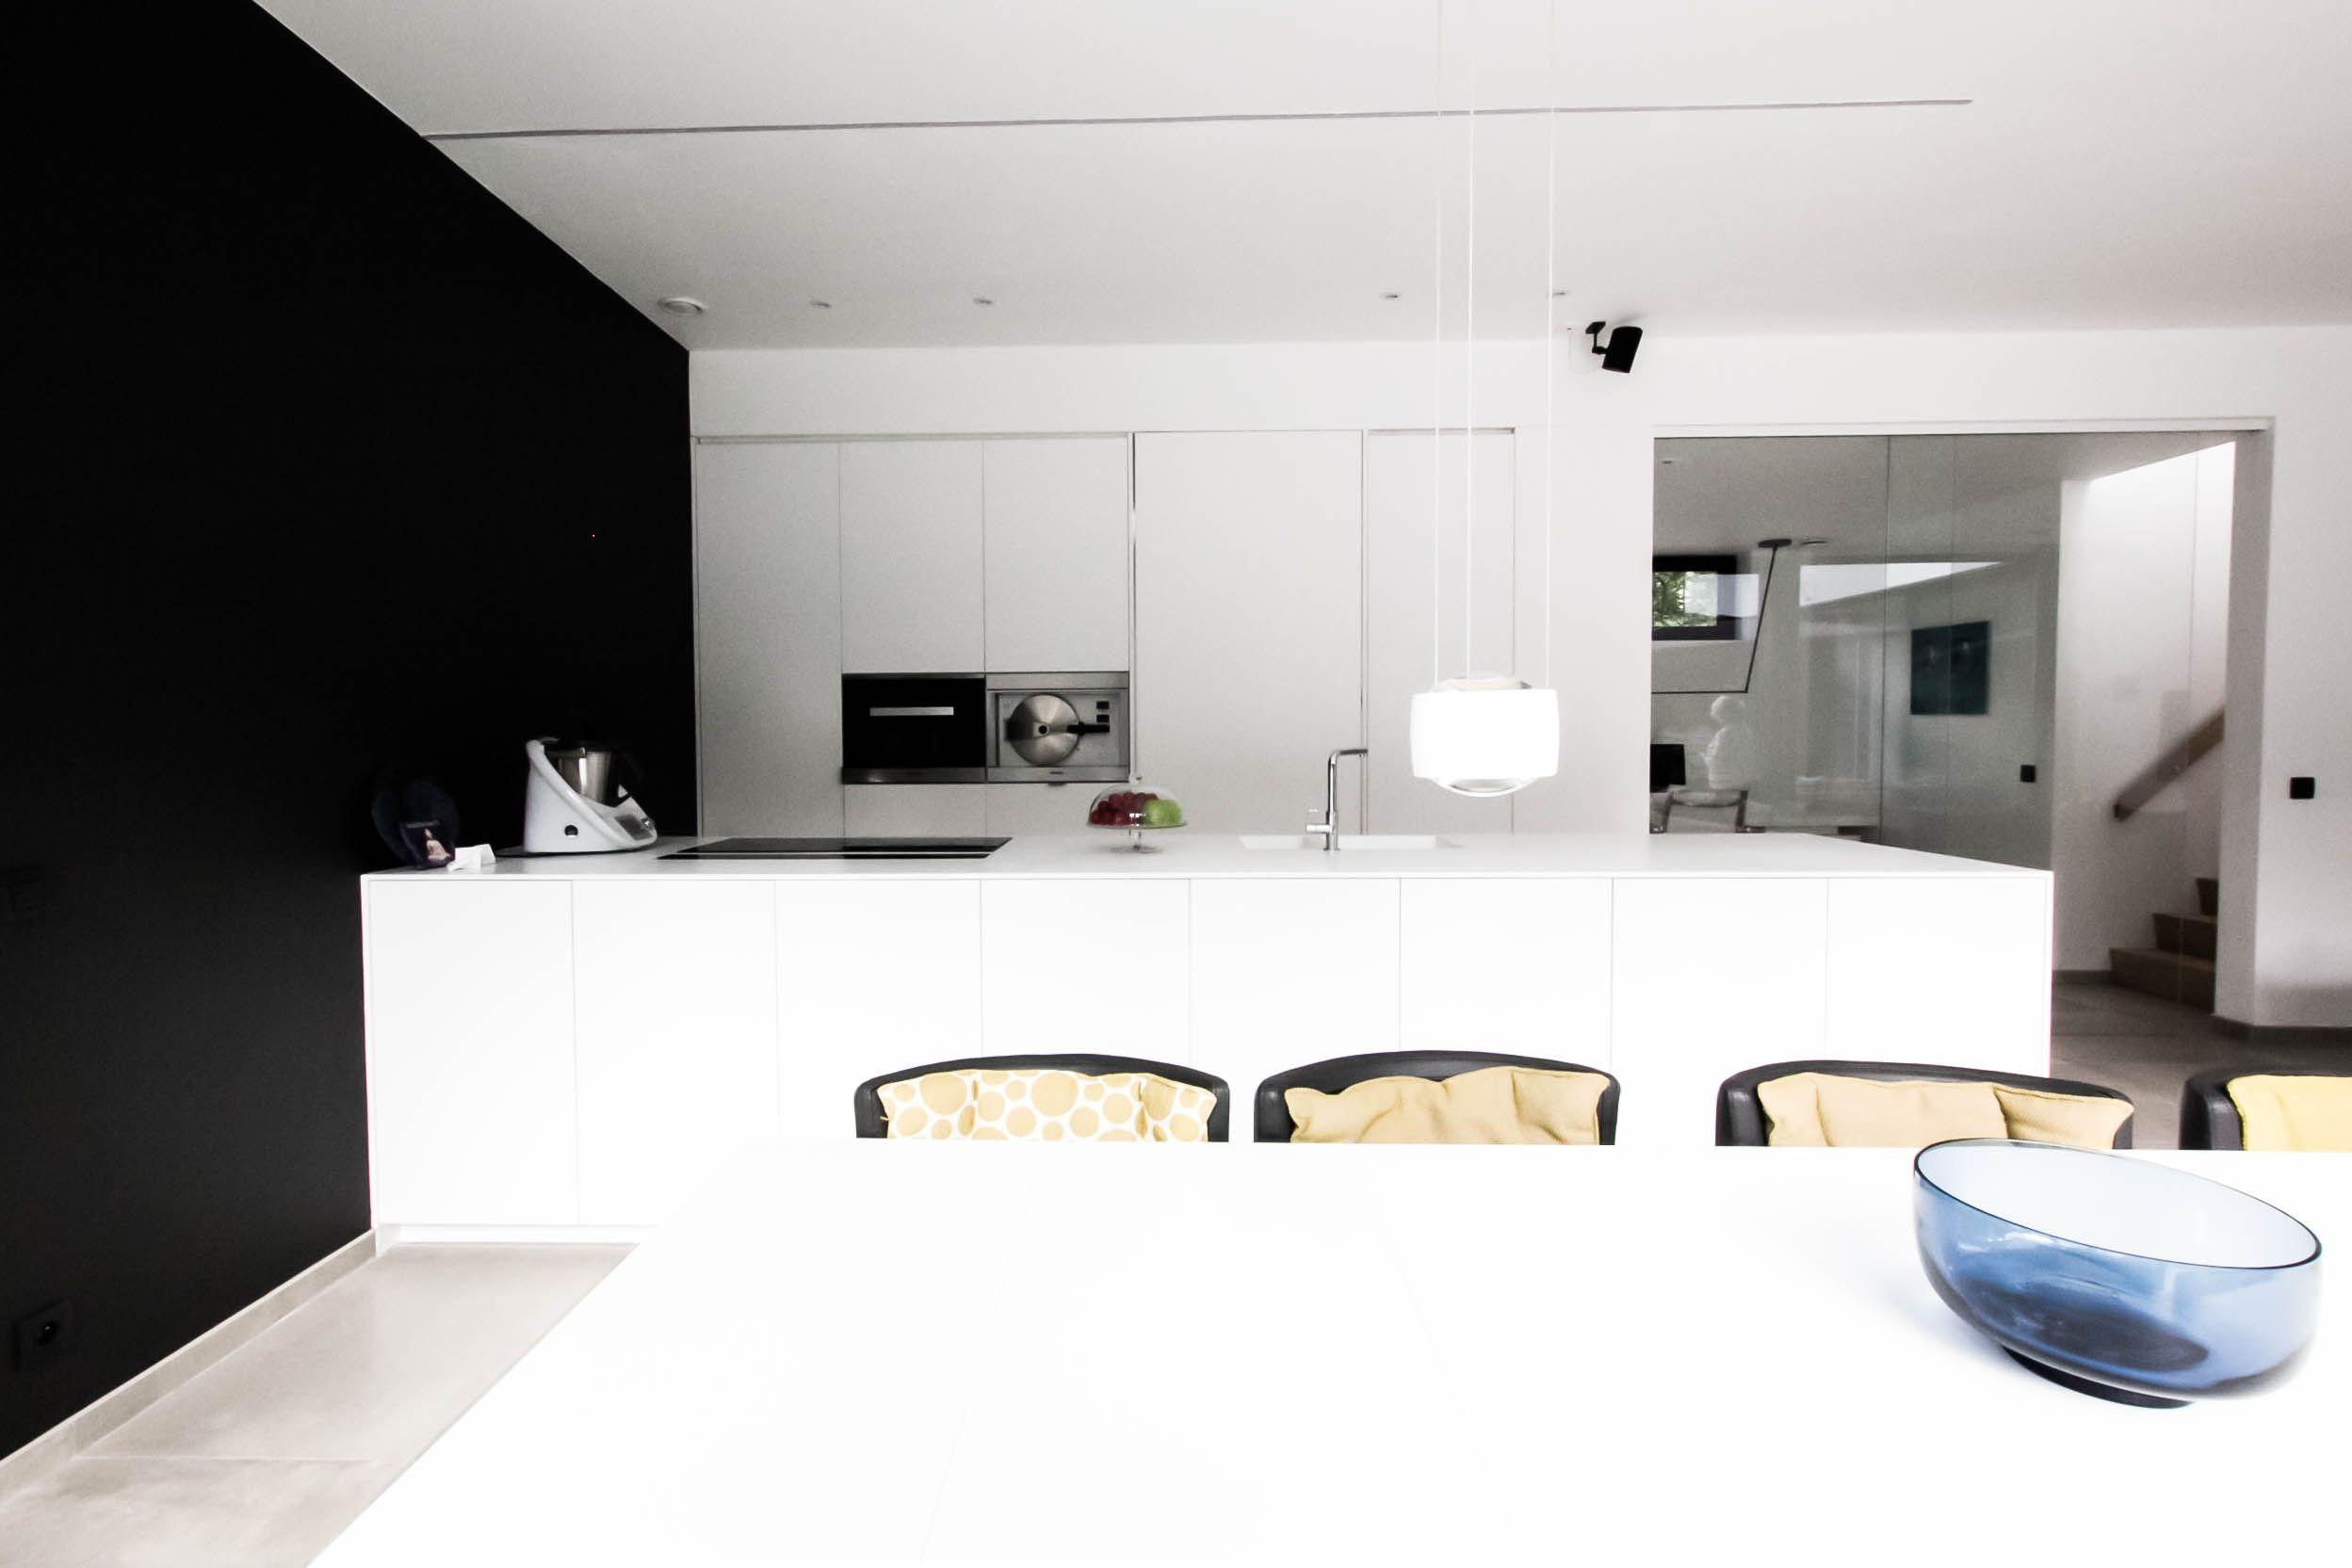 Moderne keuken in solid surface maatwerk keukeneiland